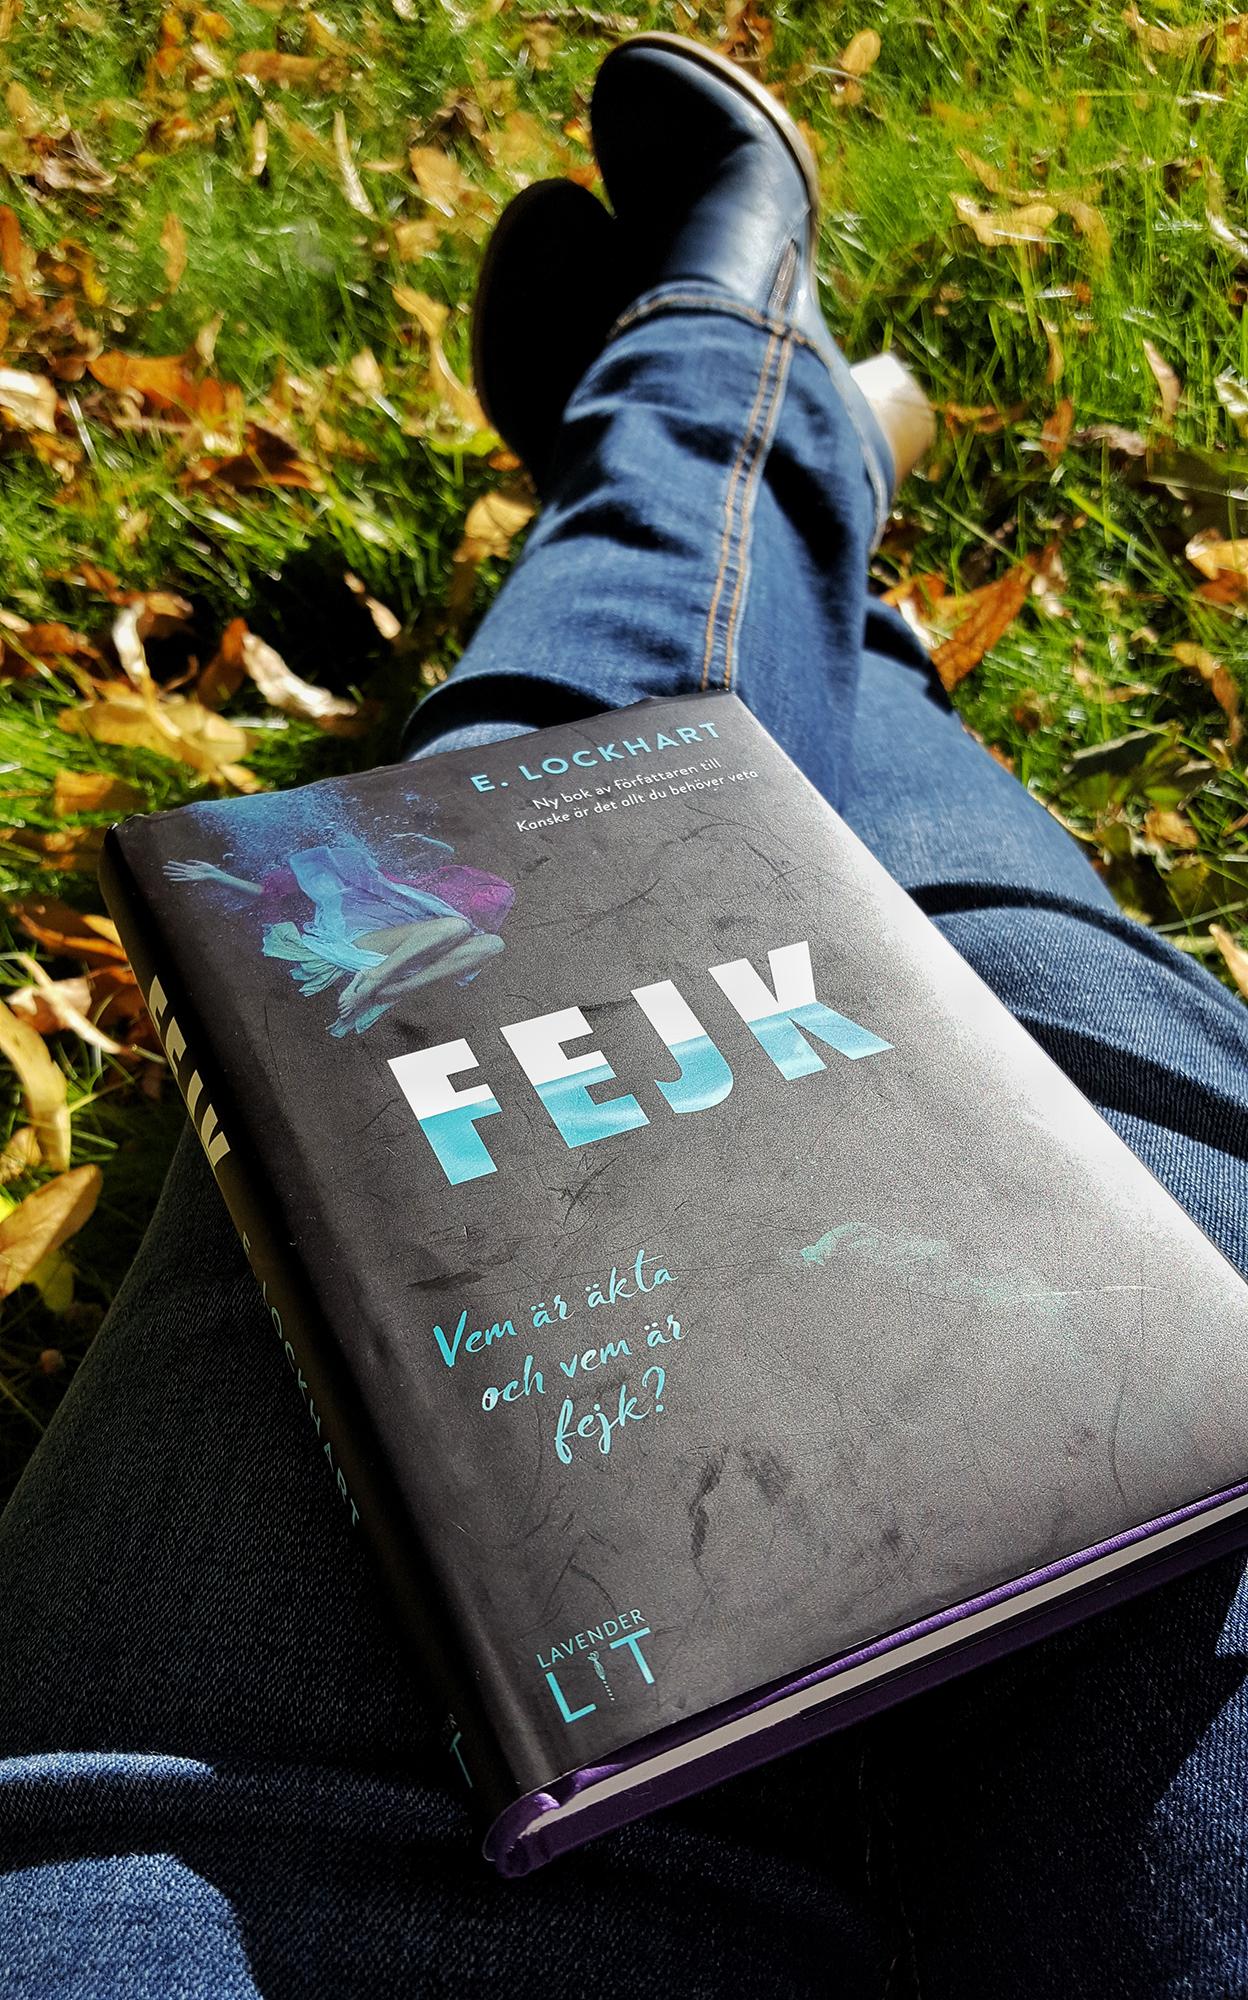 Fejk – inte självklar men tänkvärd